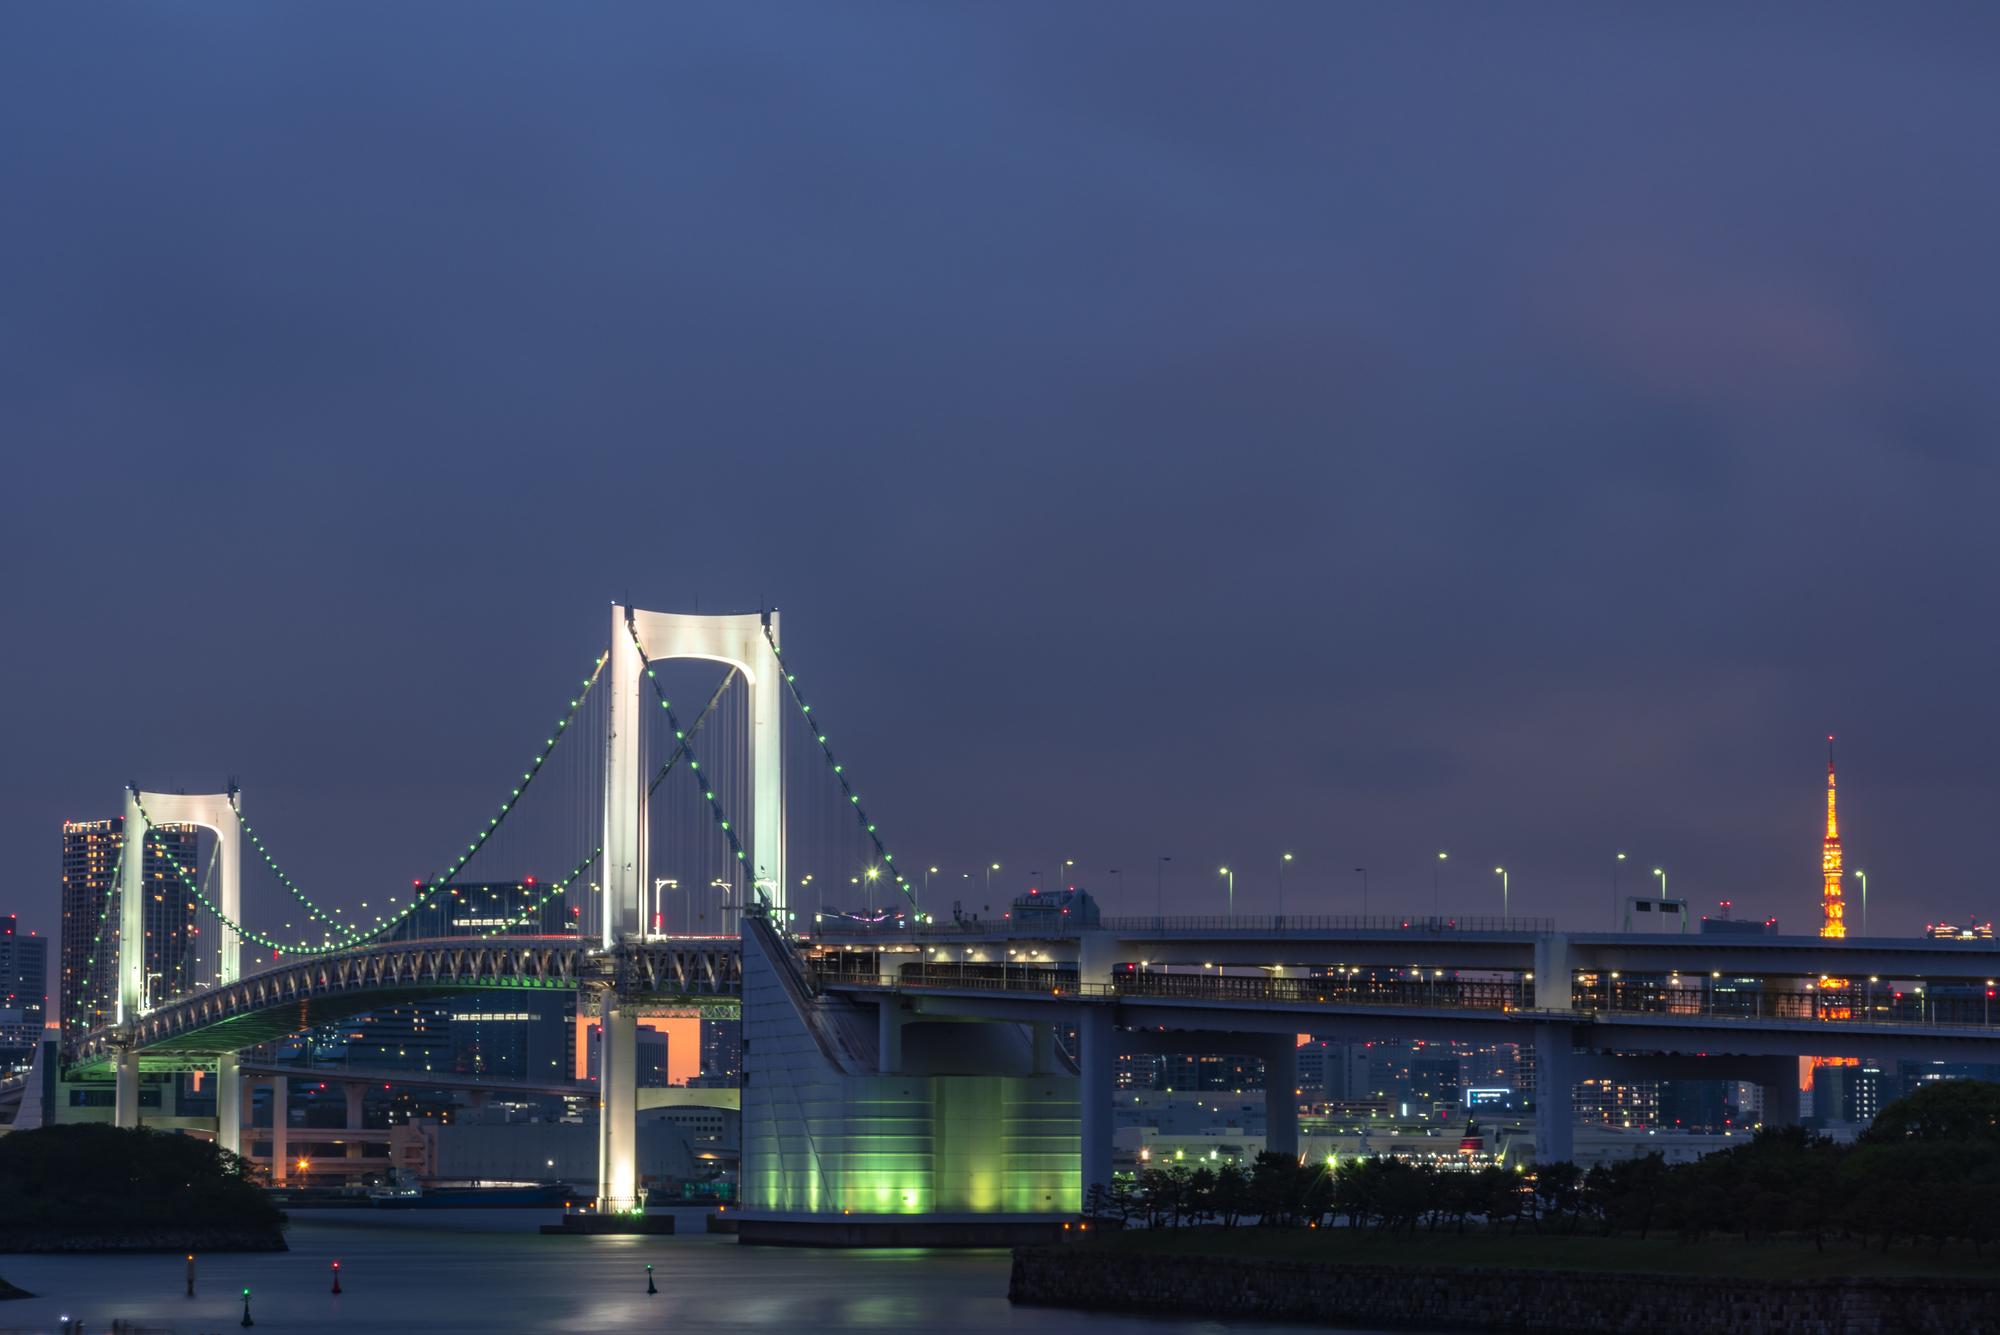 レインボーブリッジと東京タワーの夜景